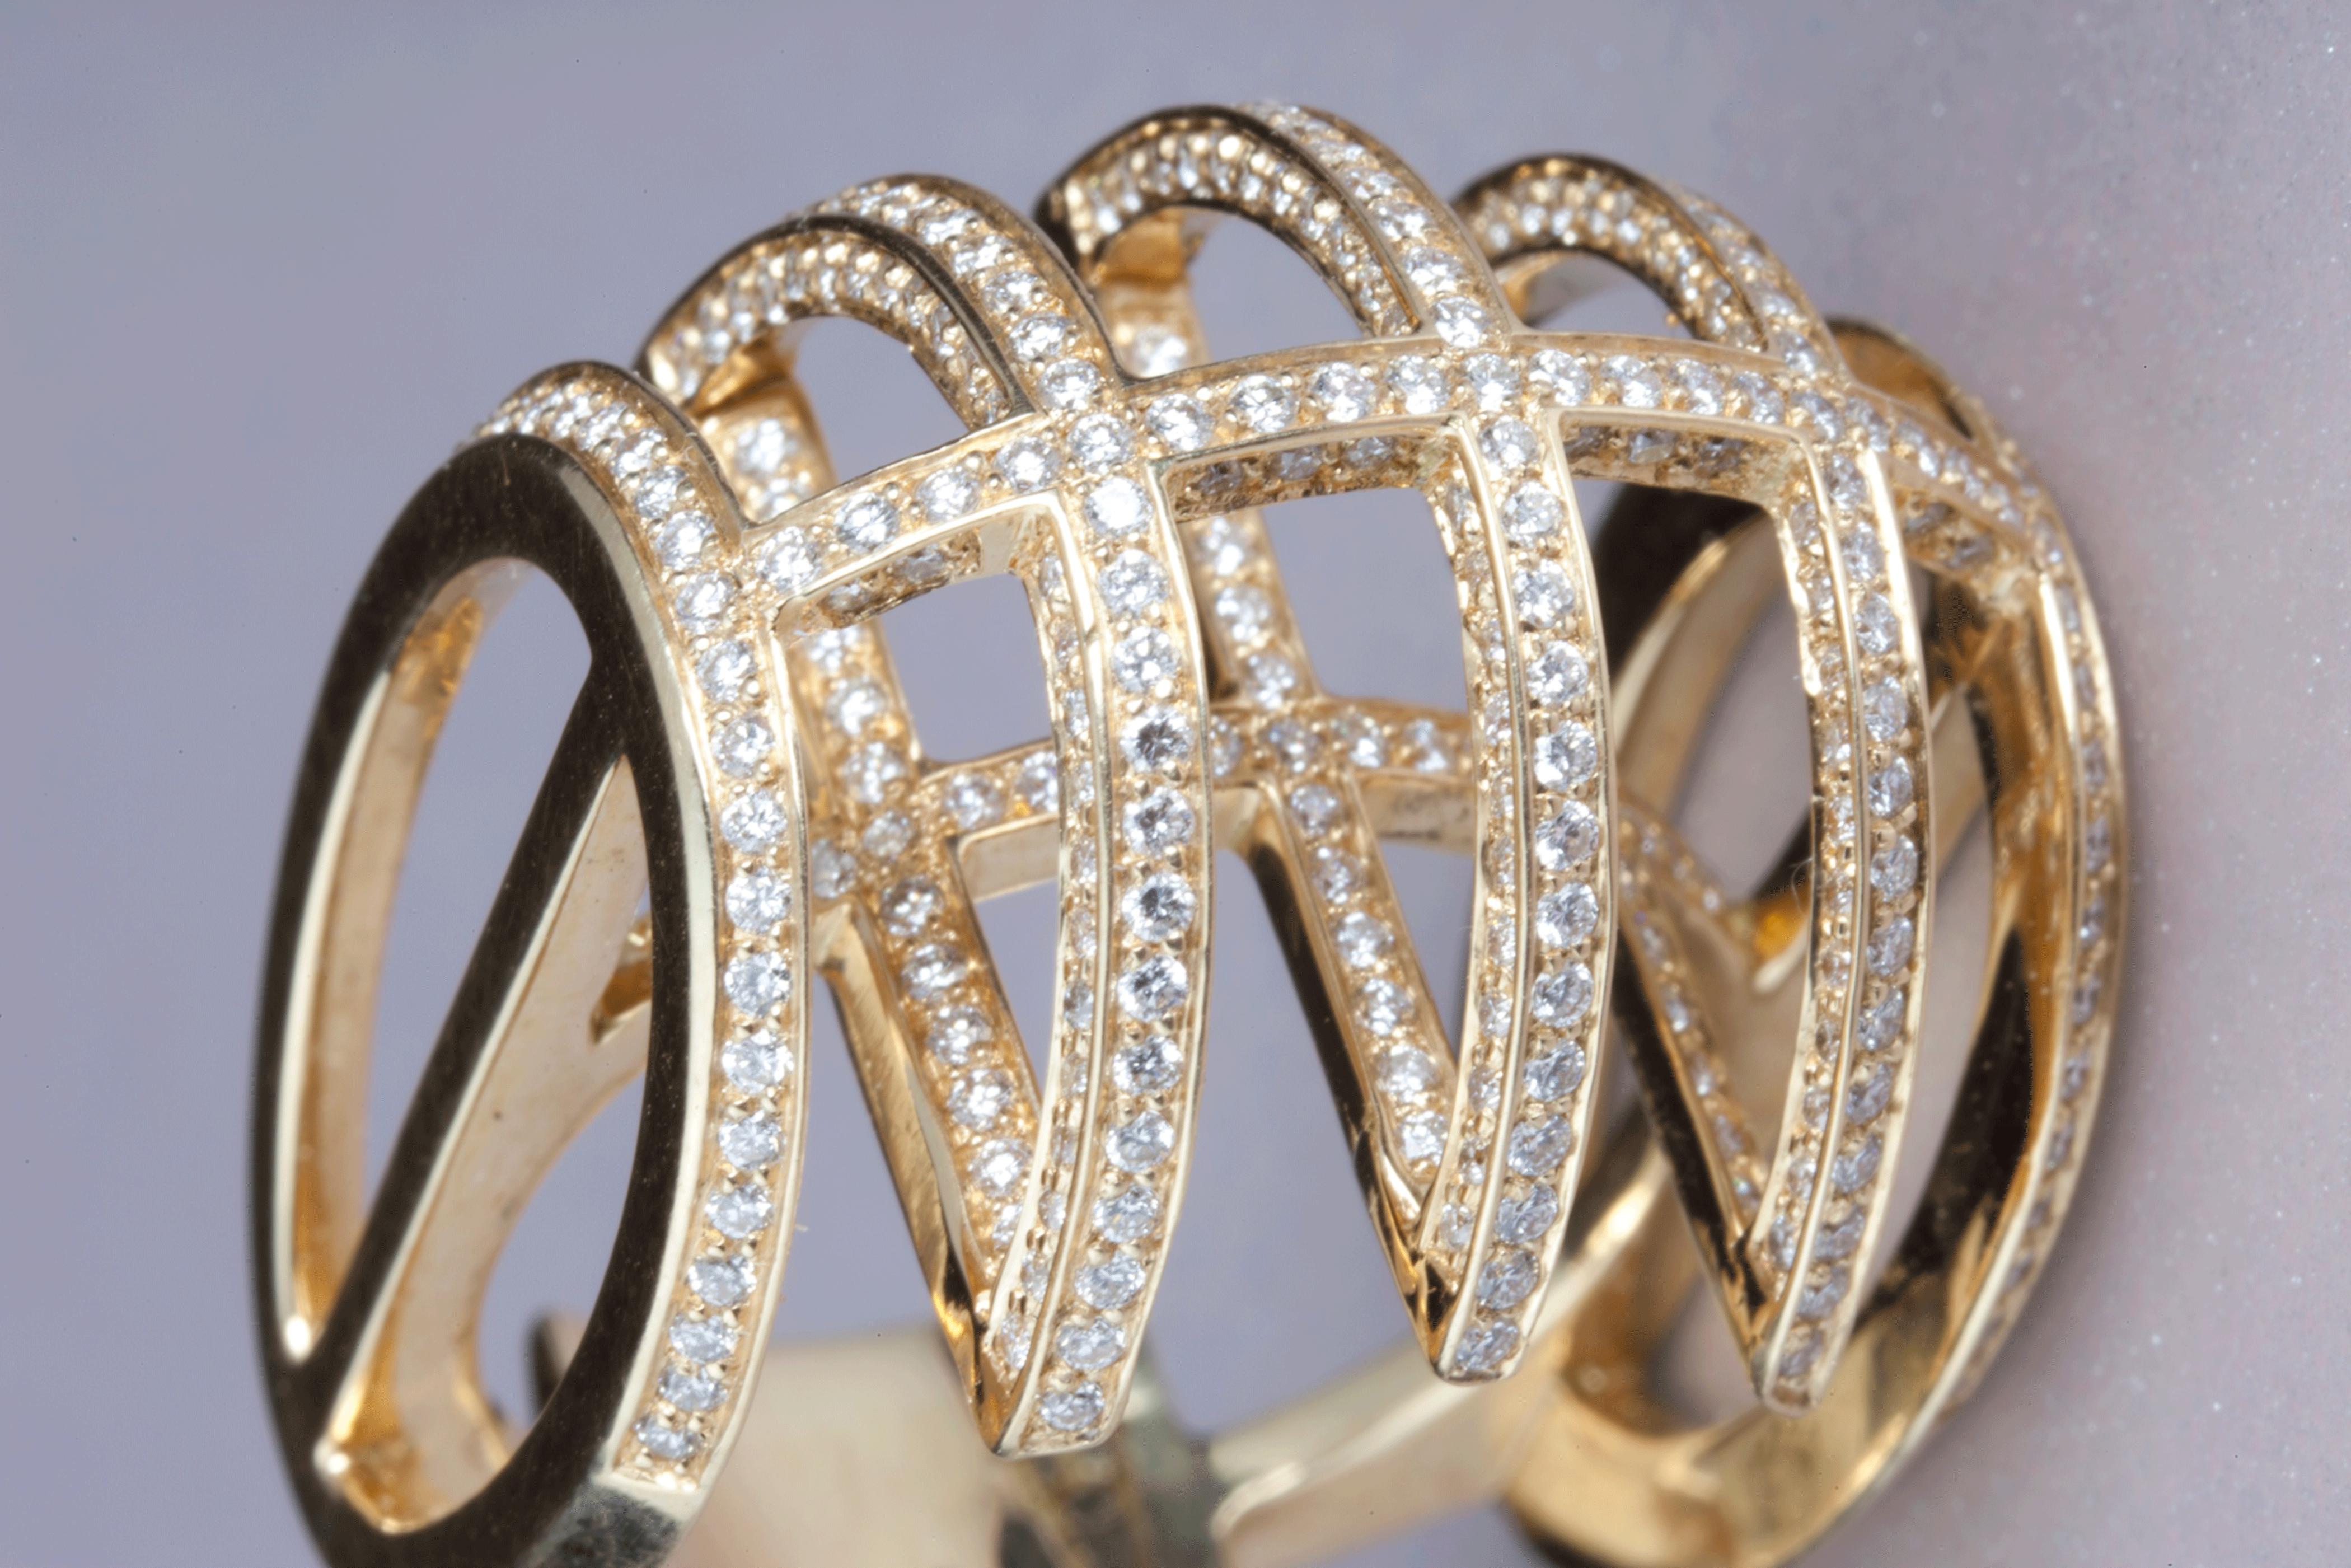 Bague Céleste ornée de diamants